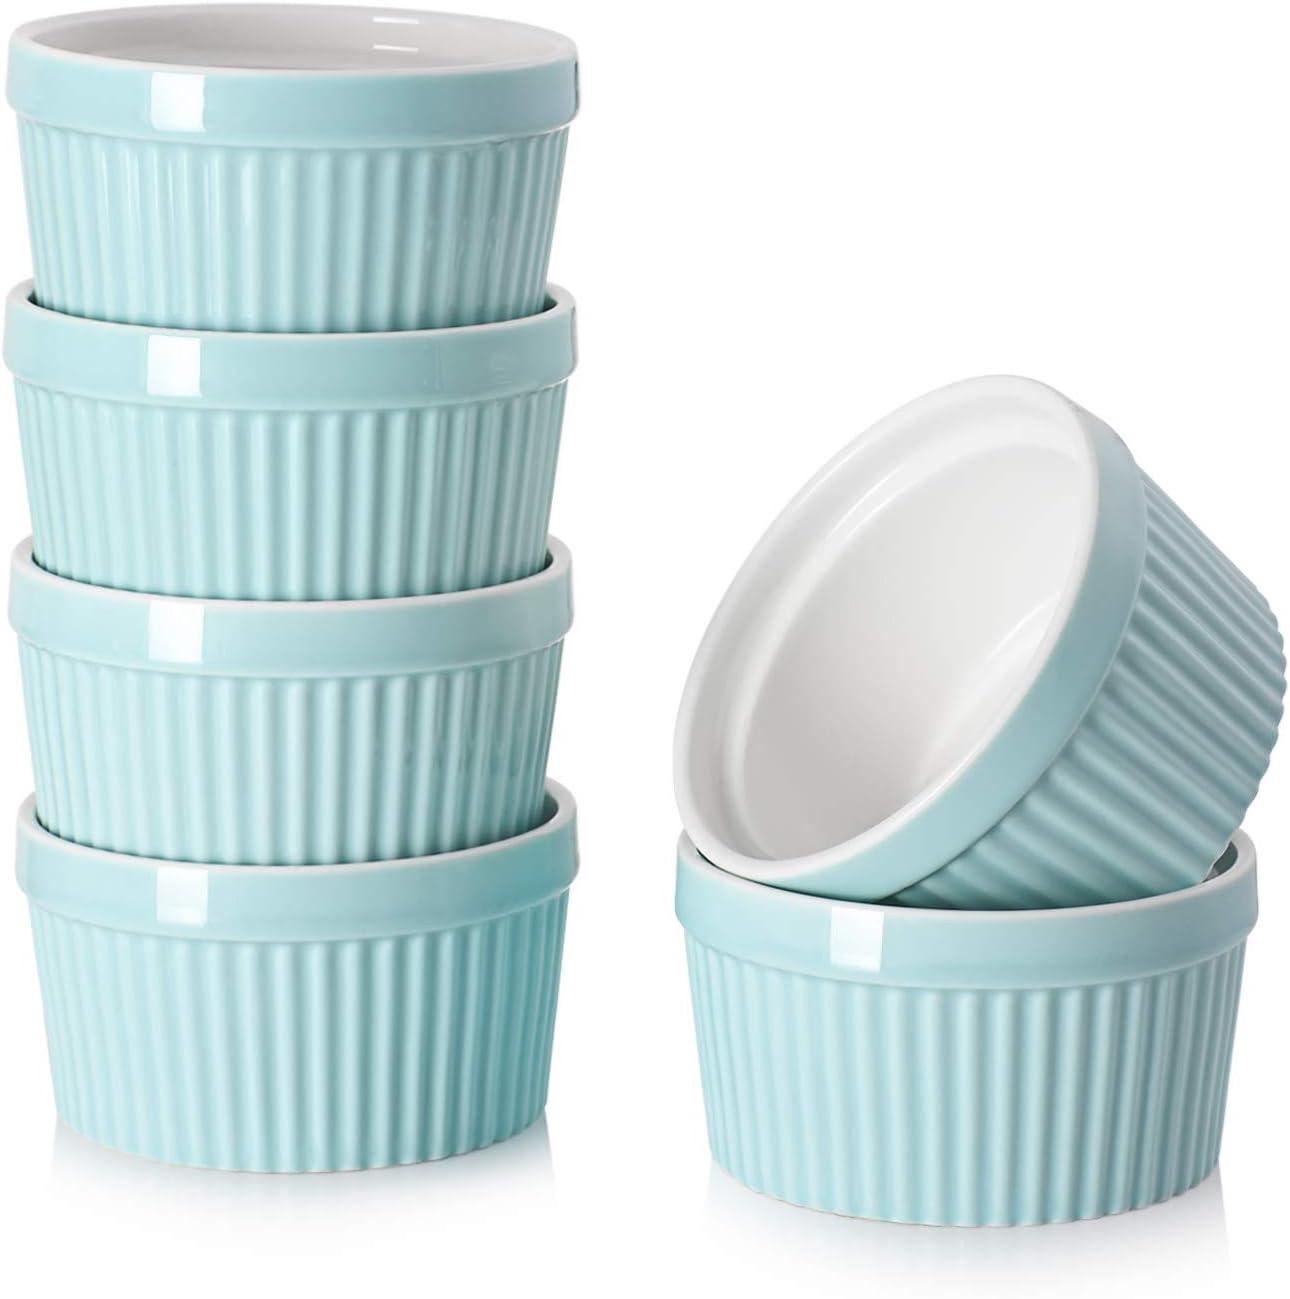 Moldes de porcelana DOWAN de 236 ml - Moldes para platos de soufflé para creme Brulee Pudding Oven Safe, cuencos Ramekins de estilo clásico para hornear, juego de 6, azul